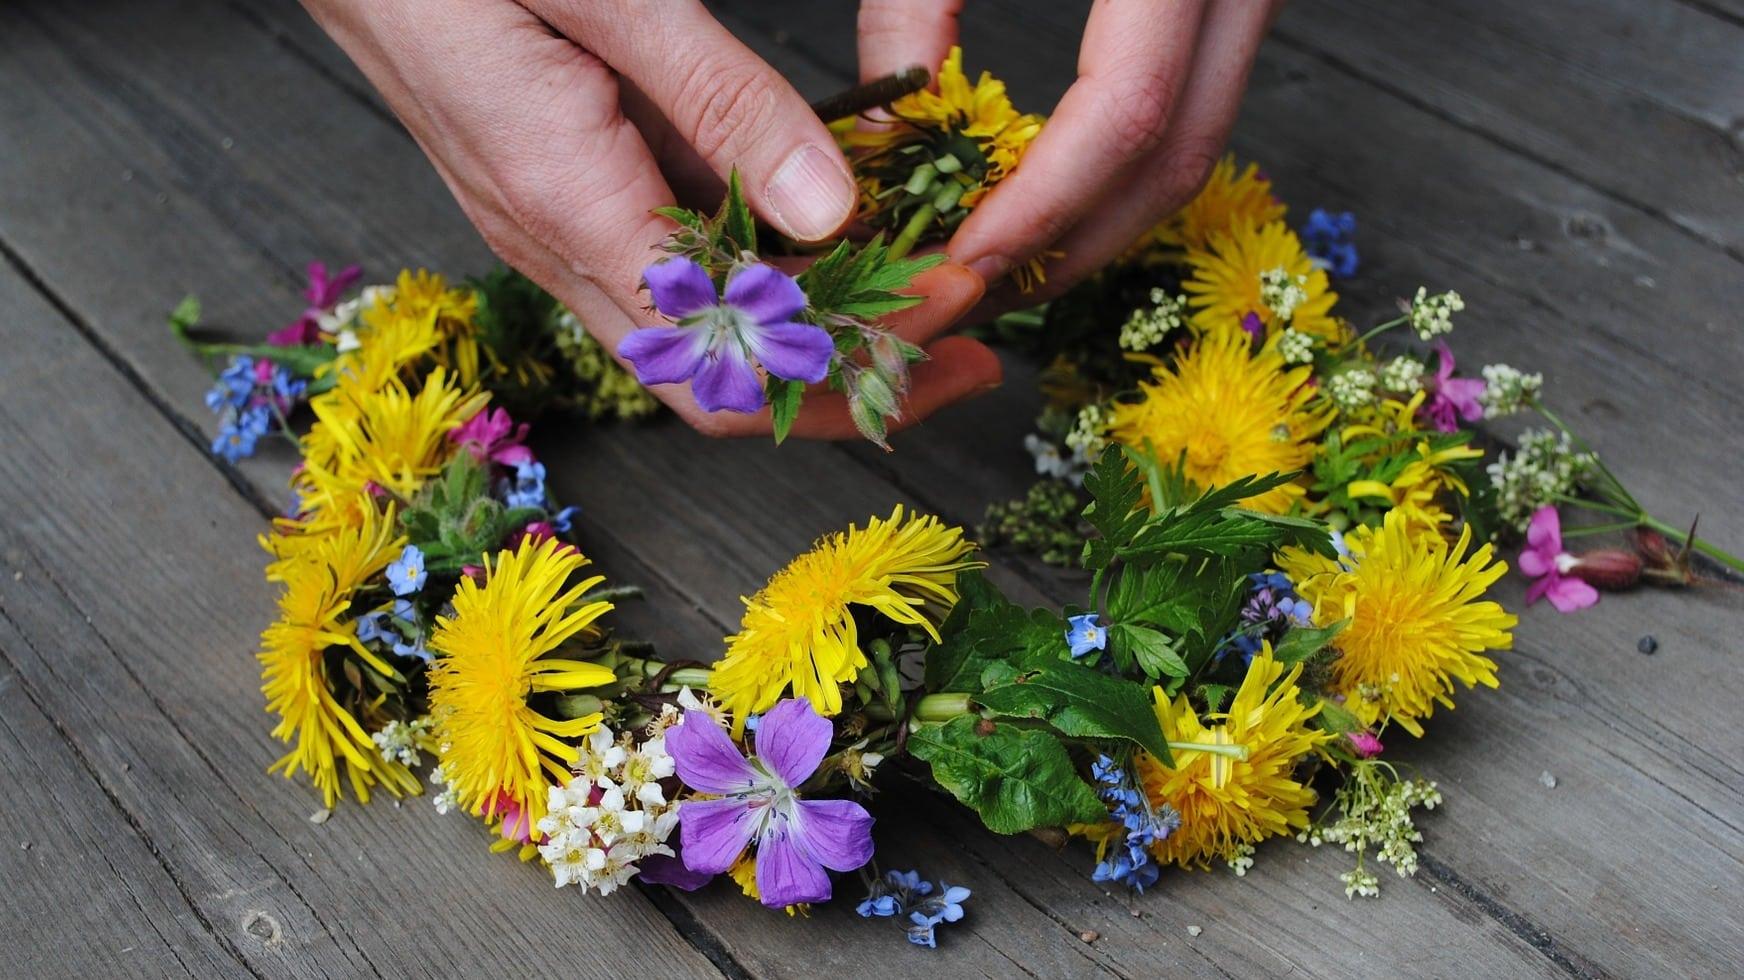 Blumenkränze werden typischerweise an Mittsommer gebunden